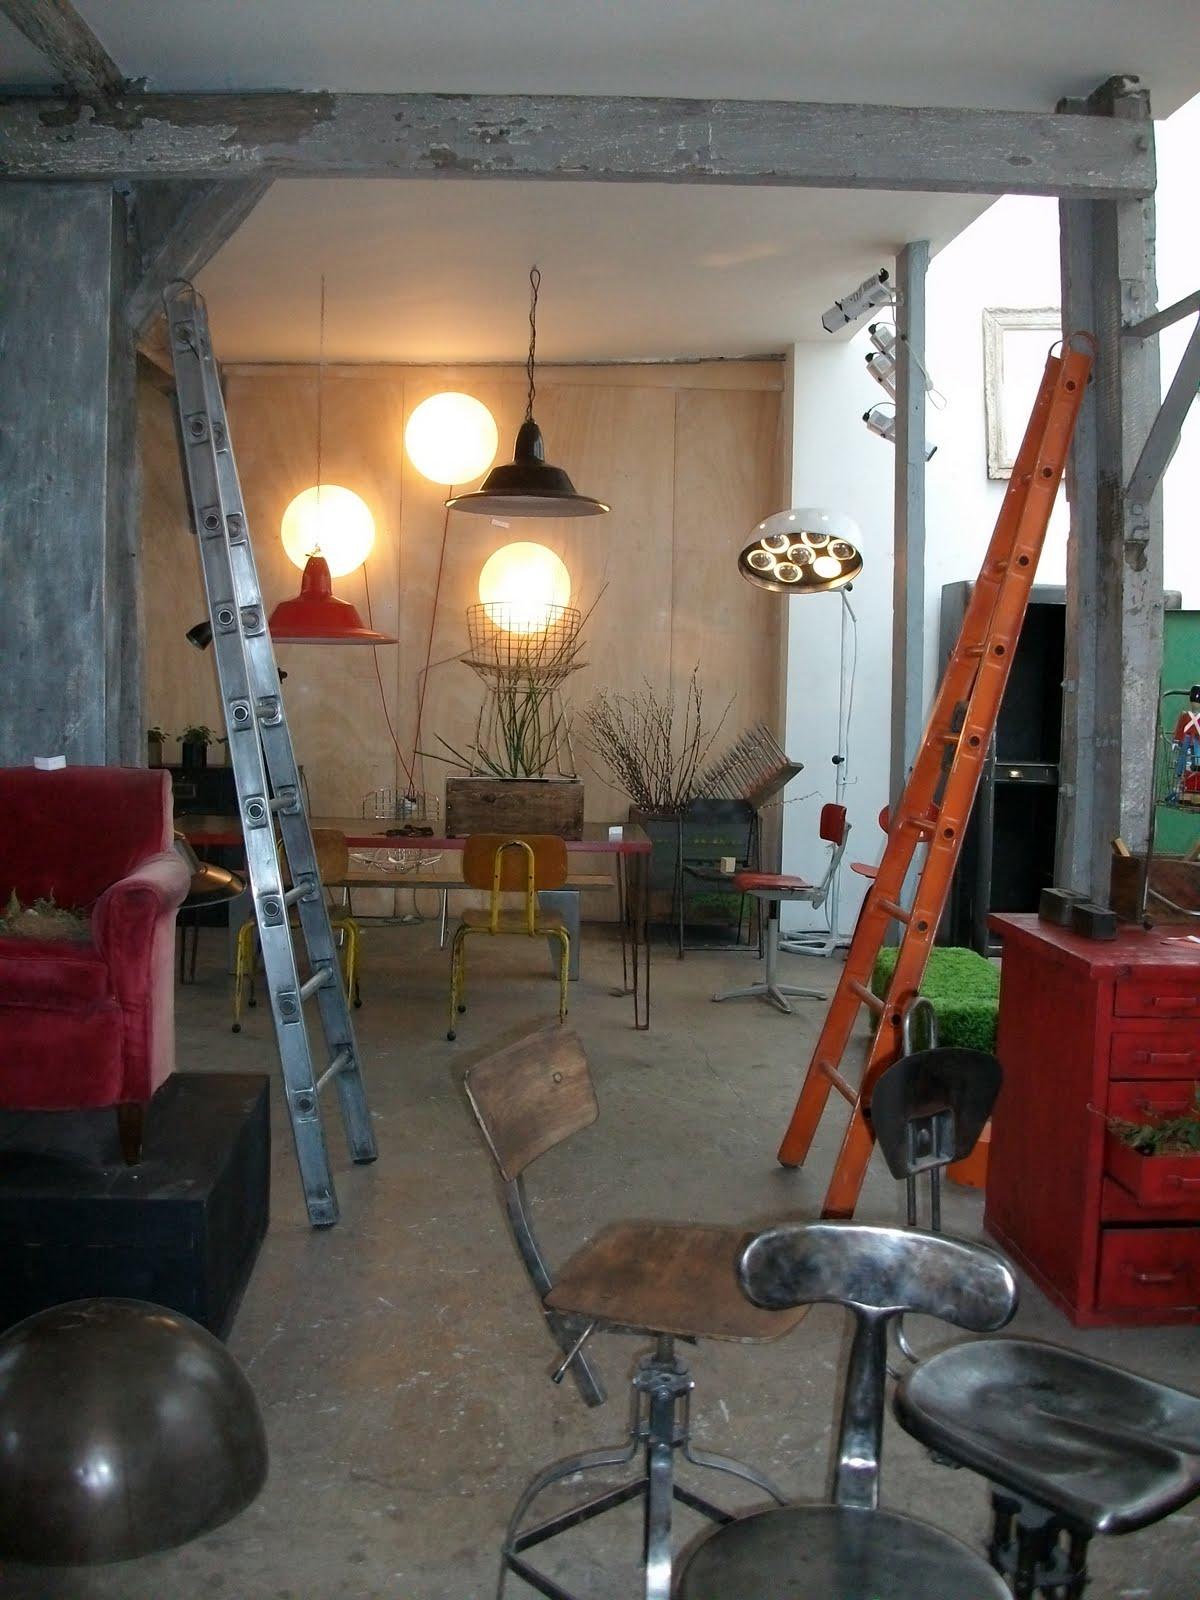 Les grigris de sophie l 39 atelier 154 a belleville - Atelier 154 ...